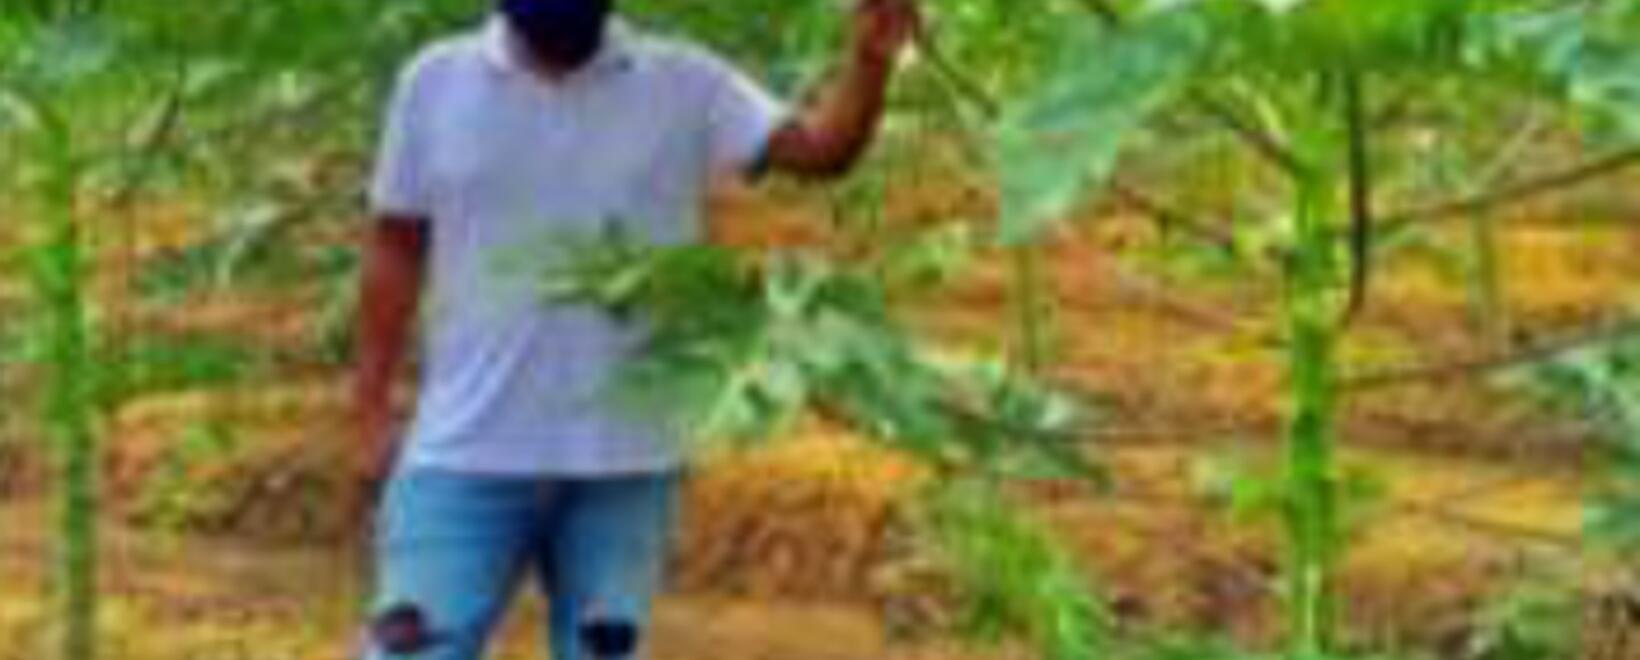 Imagen hectárea de papaya - USAID